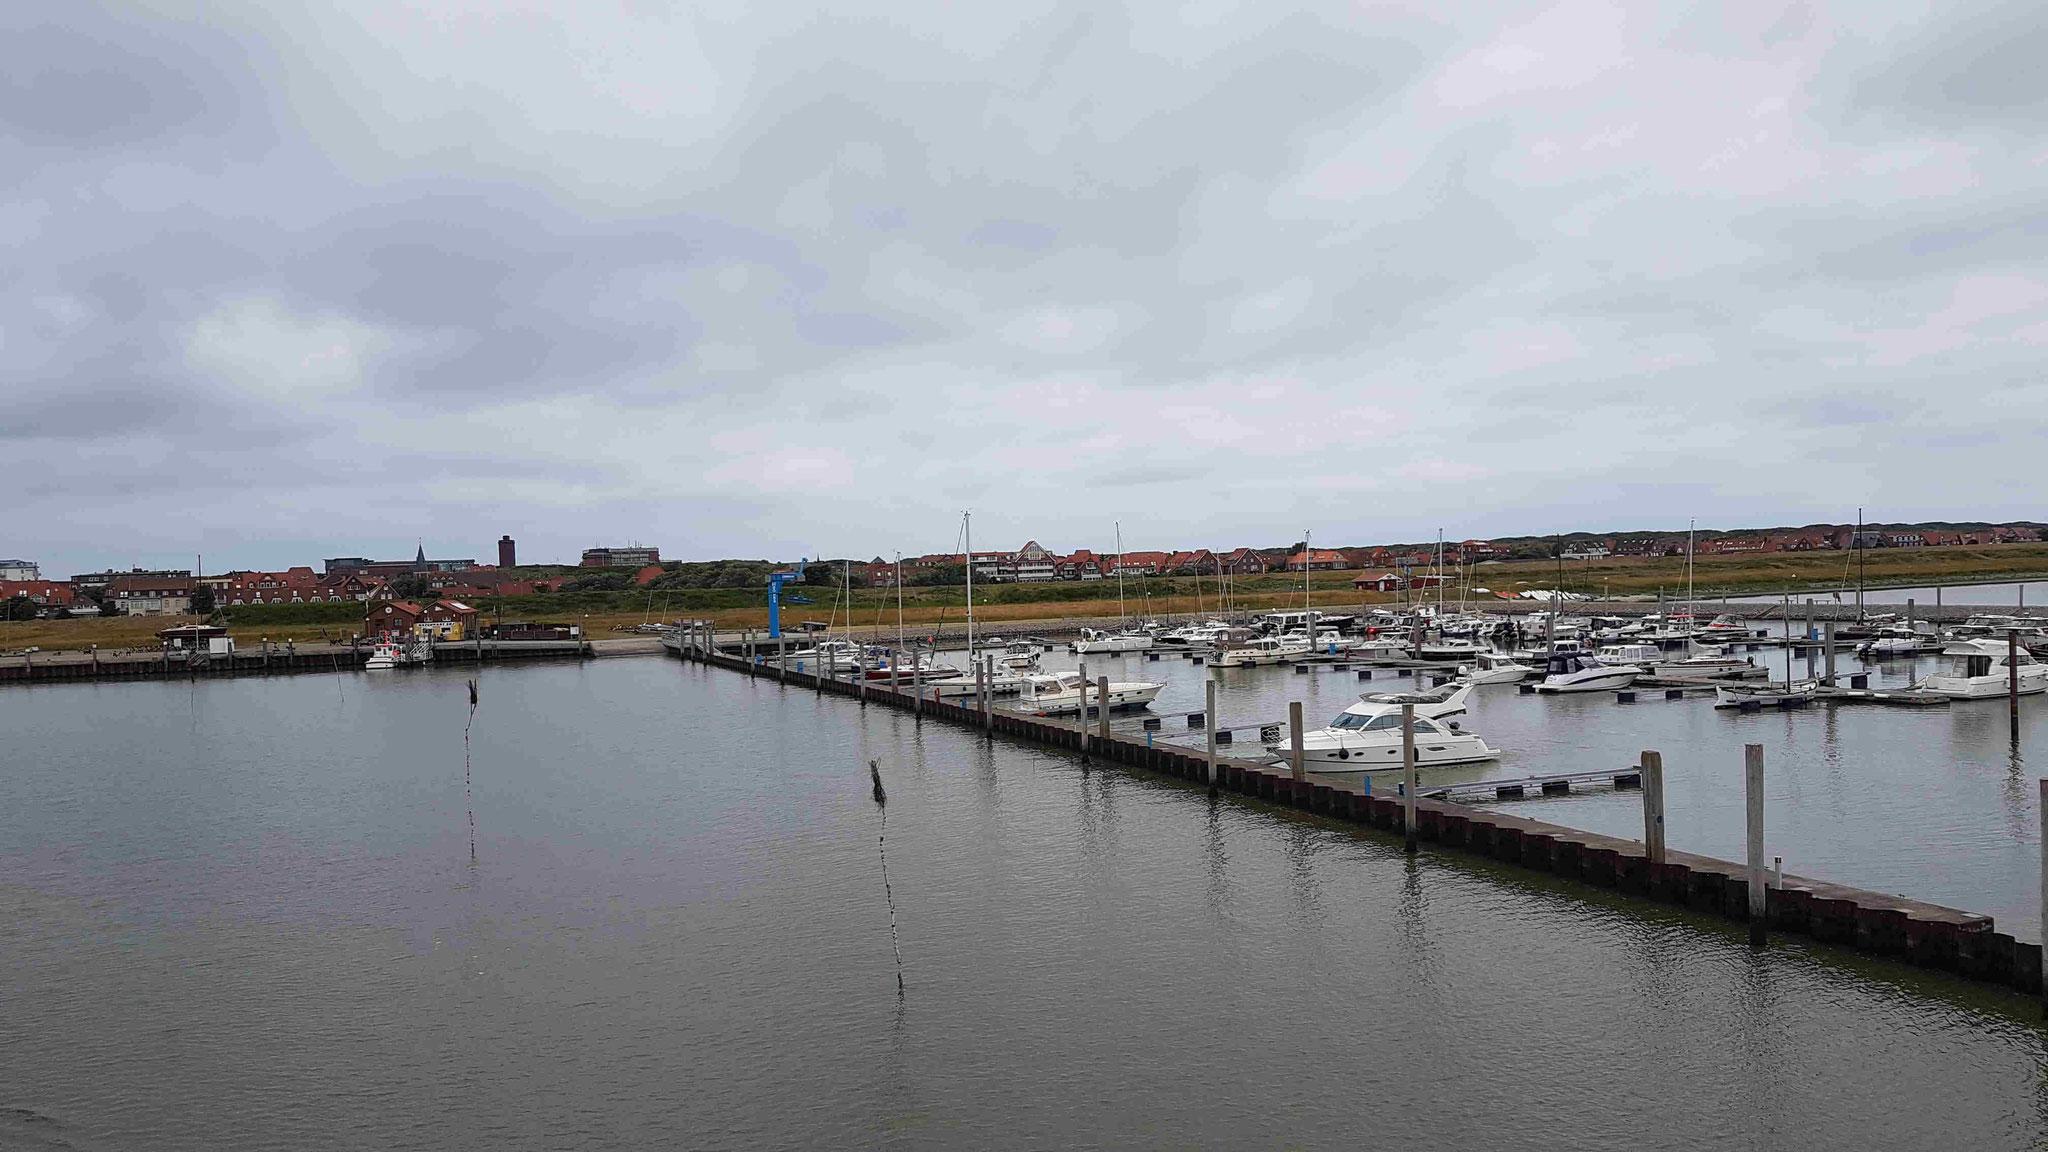 Juist Jachthafen